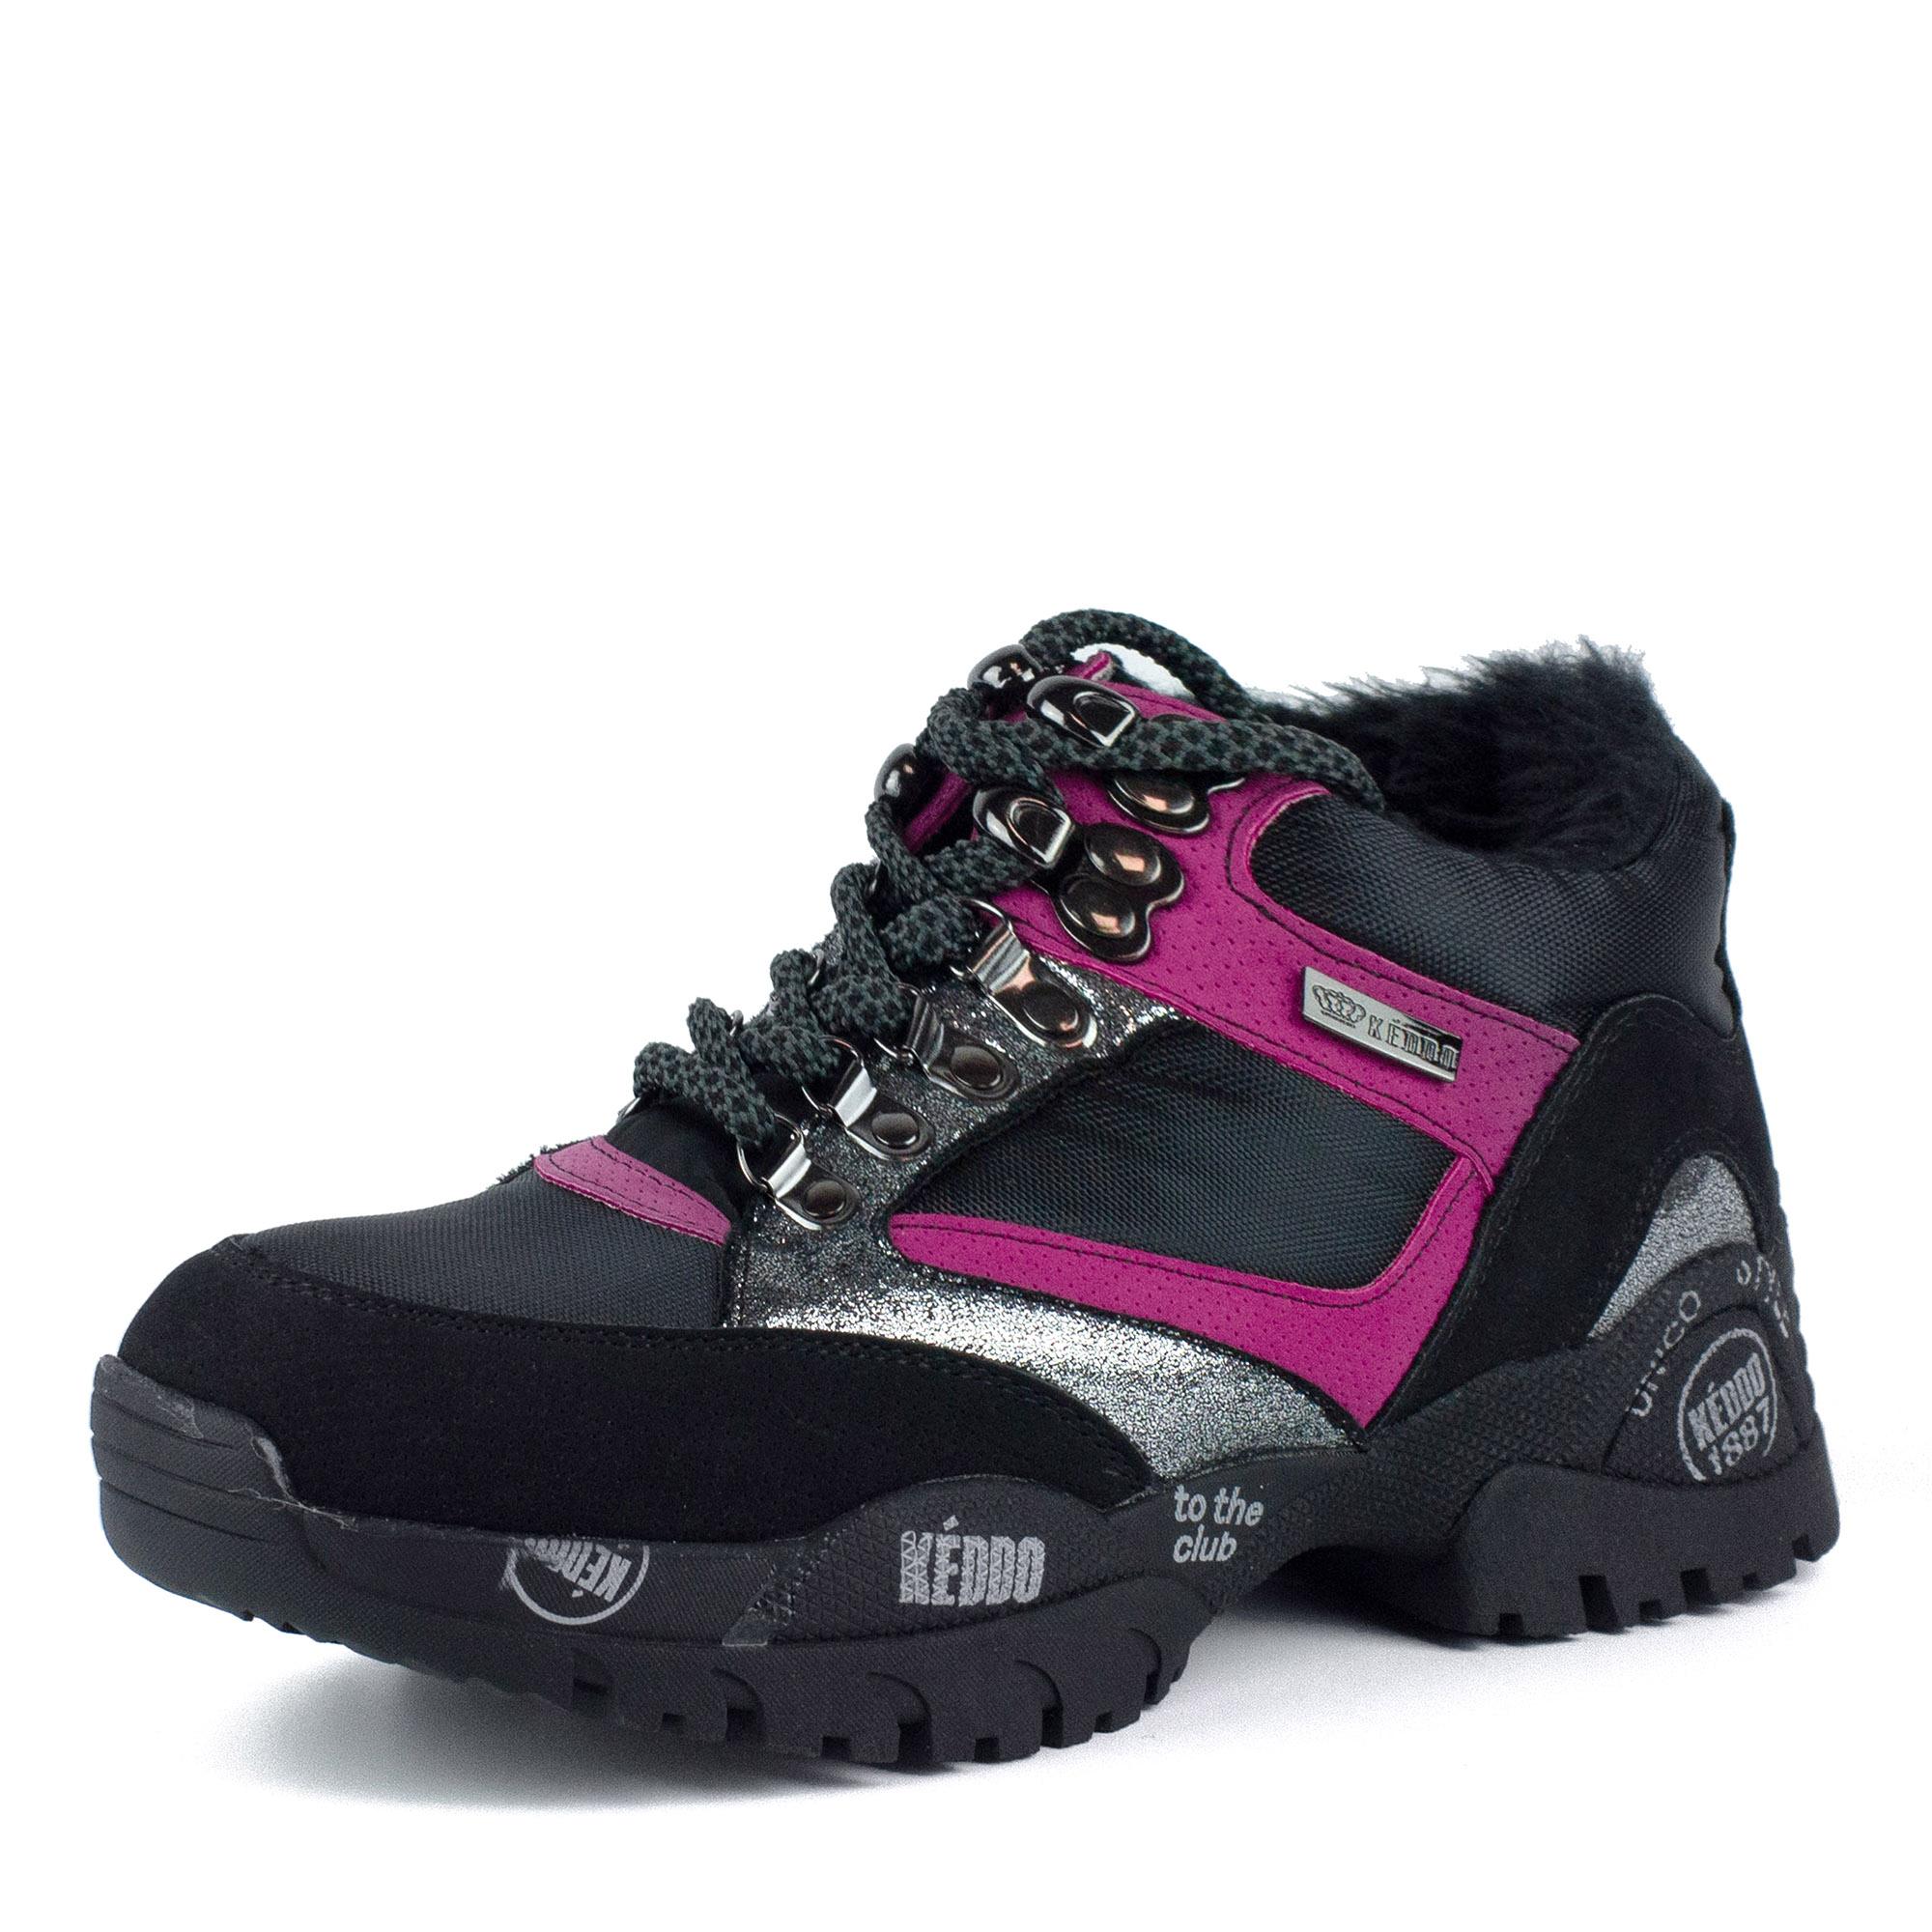 Черно-розовые кроссовки из комбинированных материалов на меху